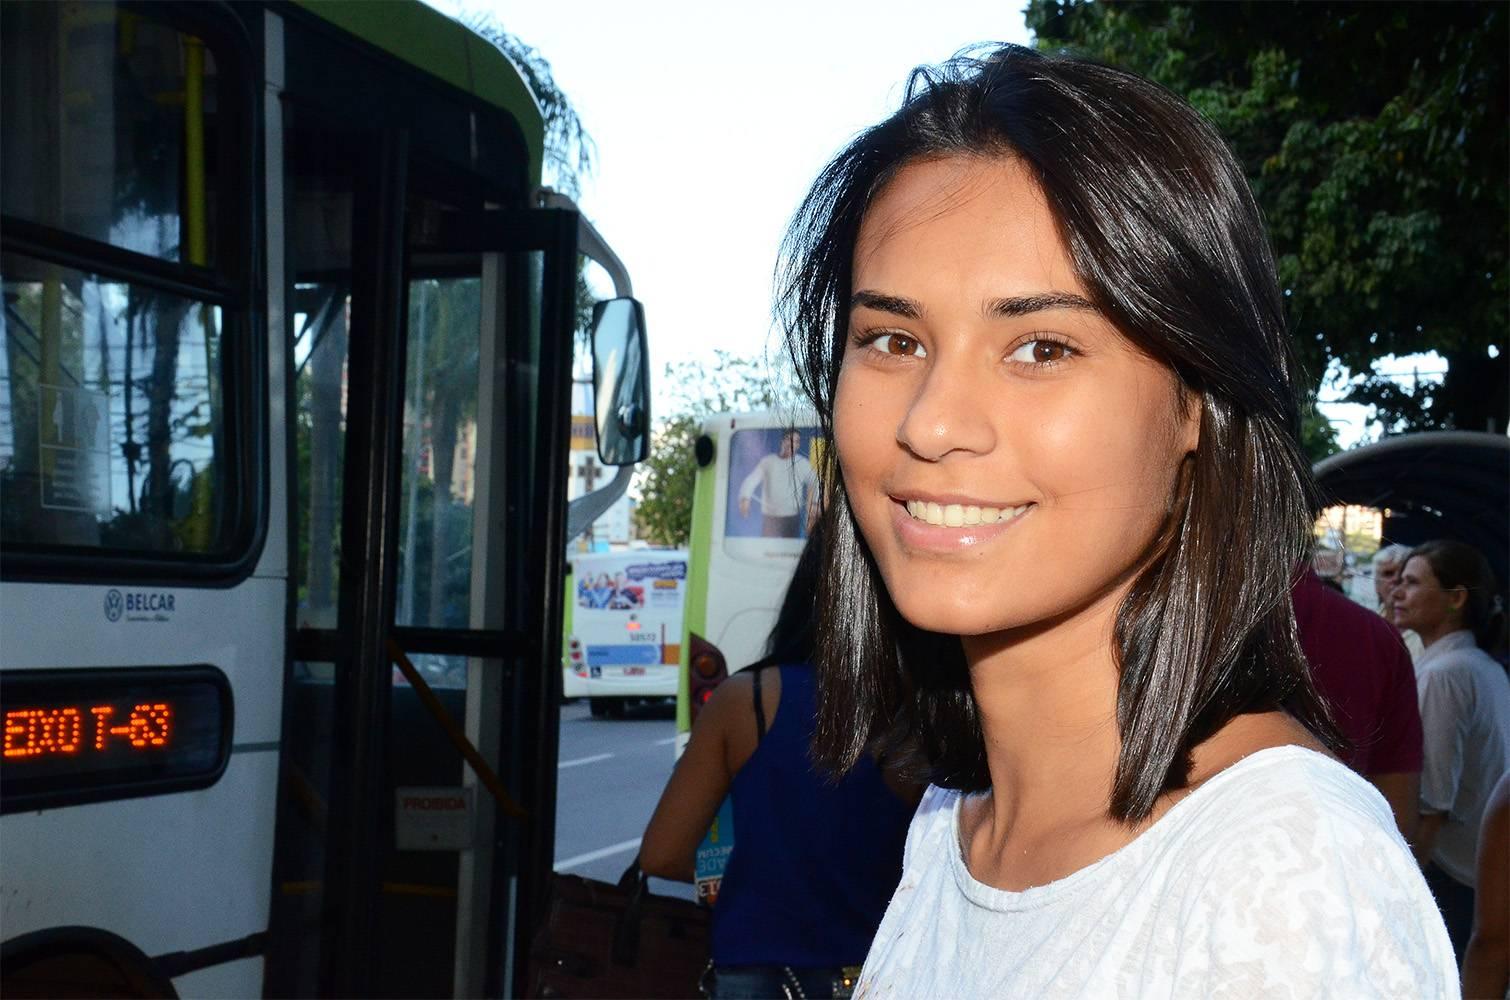 Recadastramento do Passe Livre Estudantil será feito online na Região Metropolitana de Goiânia, Rio Verde e Anápolis | Foto: Mantovani Fernandes